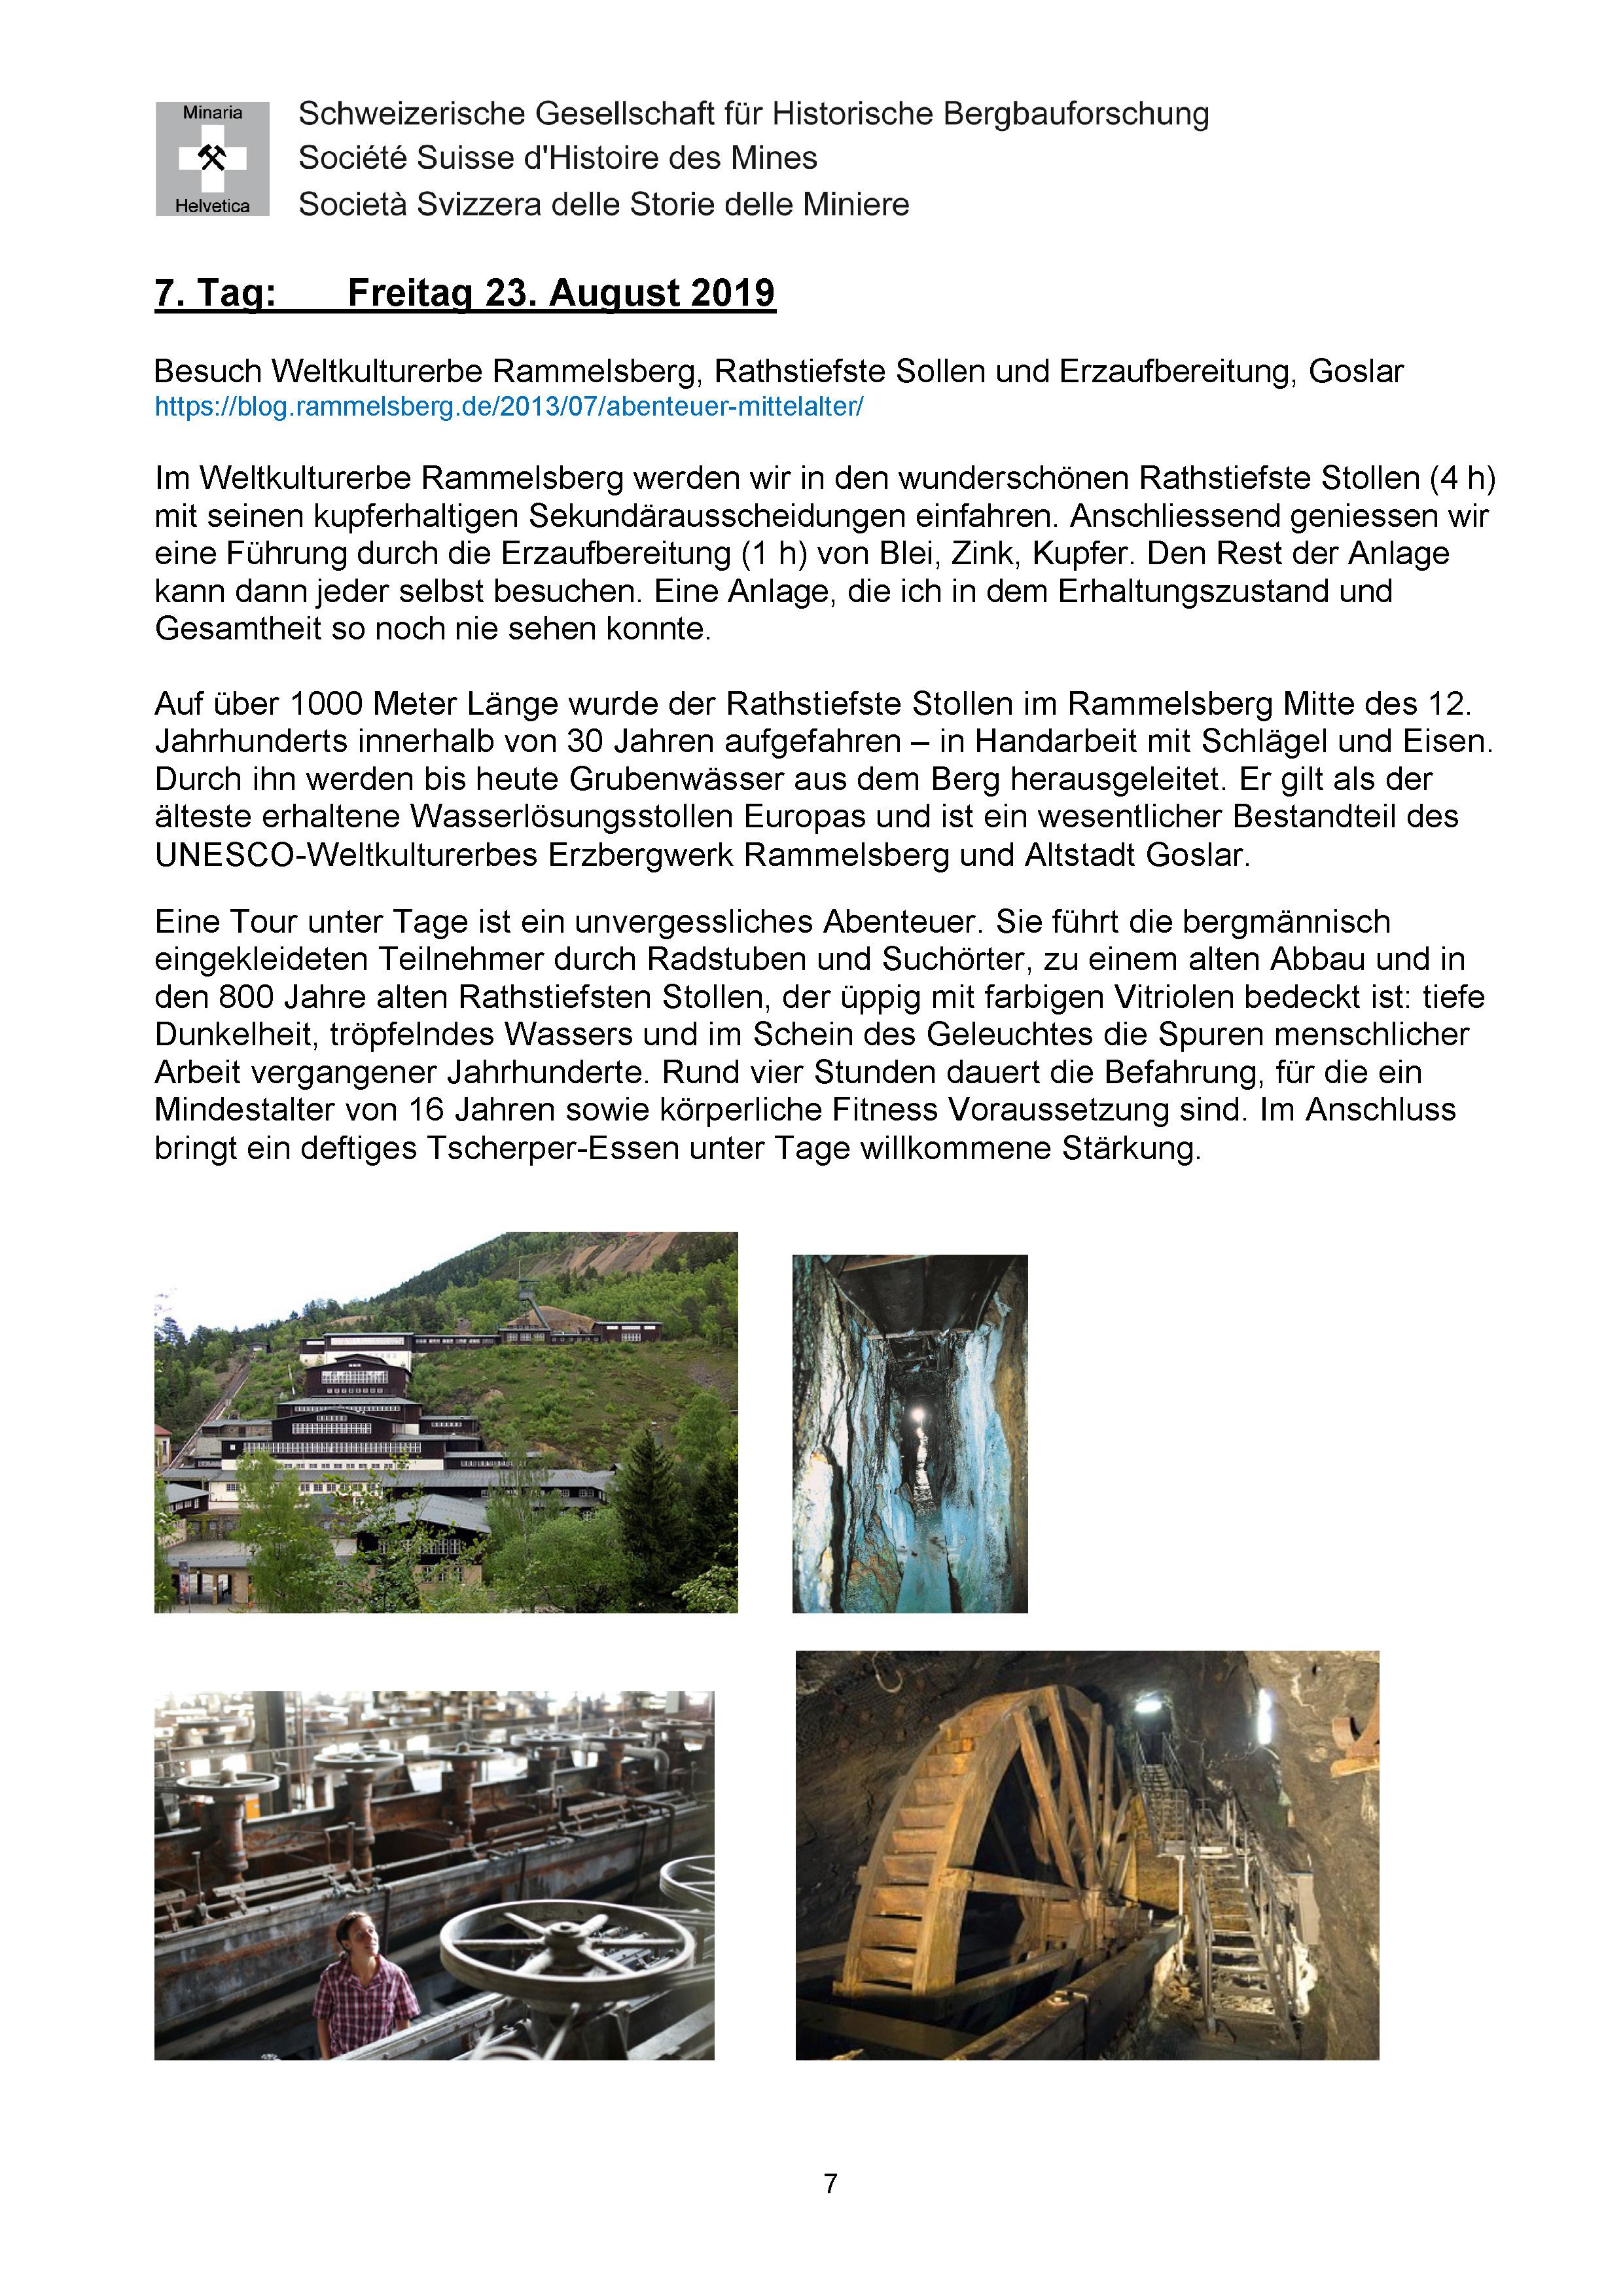 Reiseprogramm_SGHB_Sommerreise2019_Seite_7